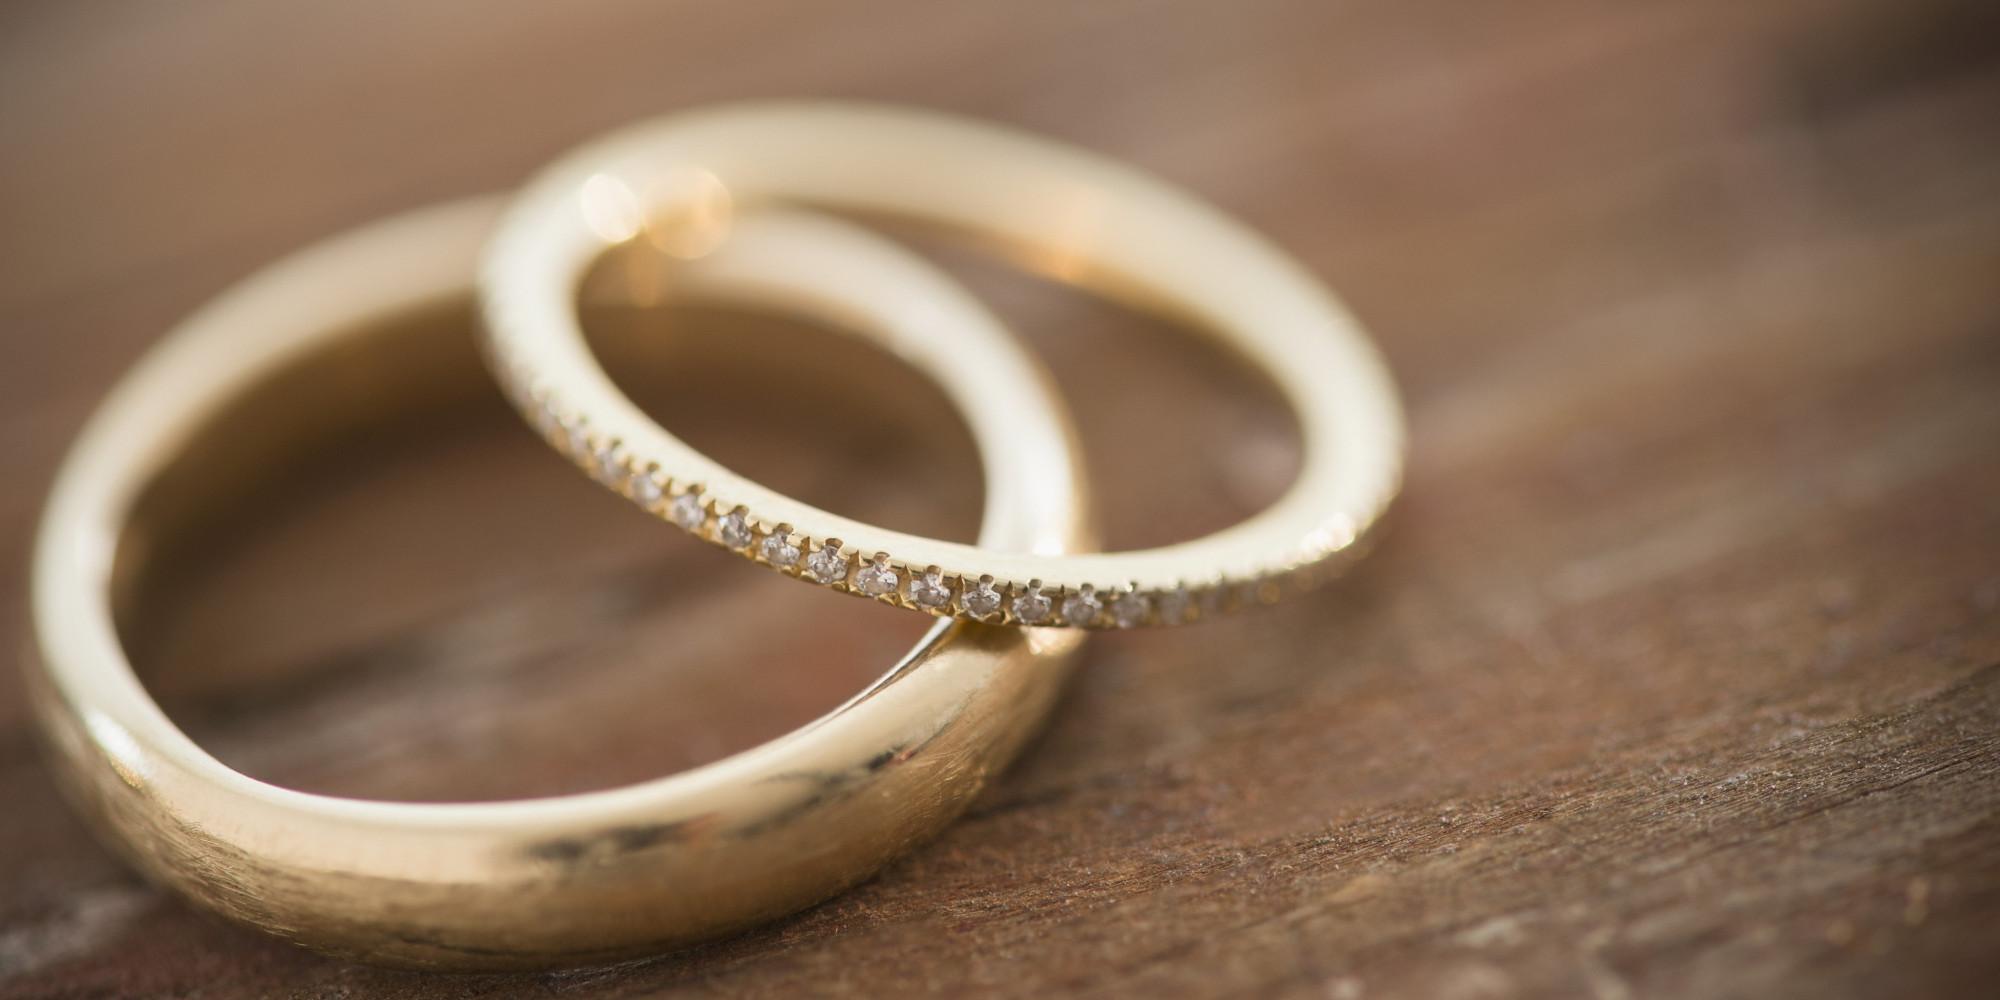 rings after divorce n wedding rings under